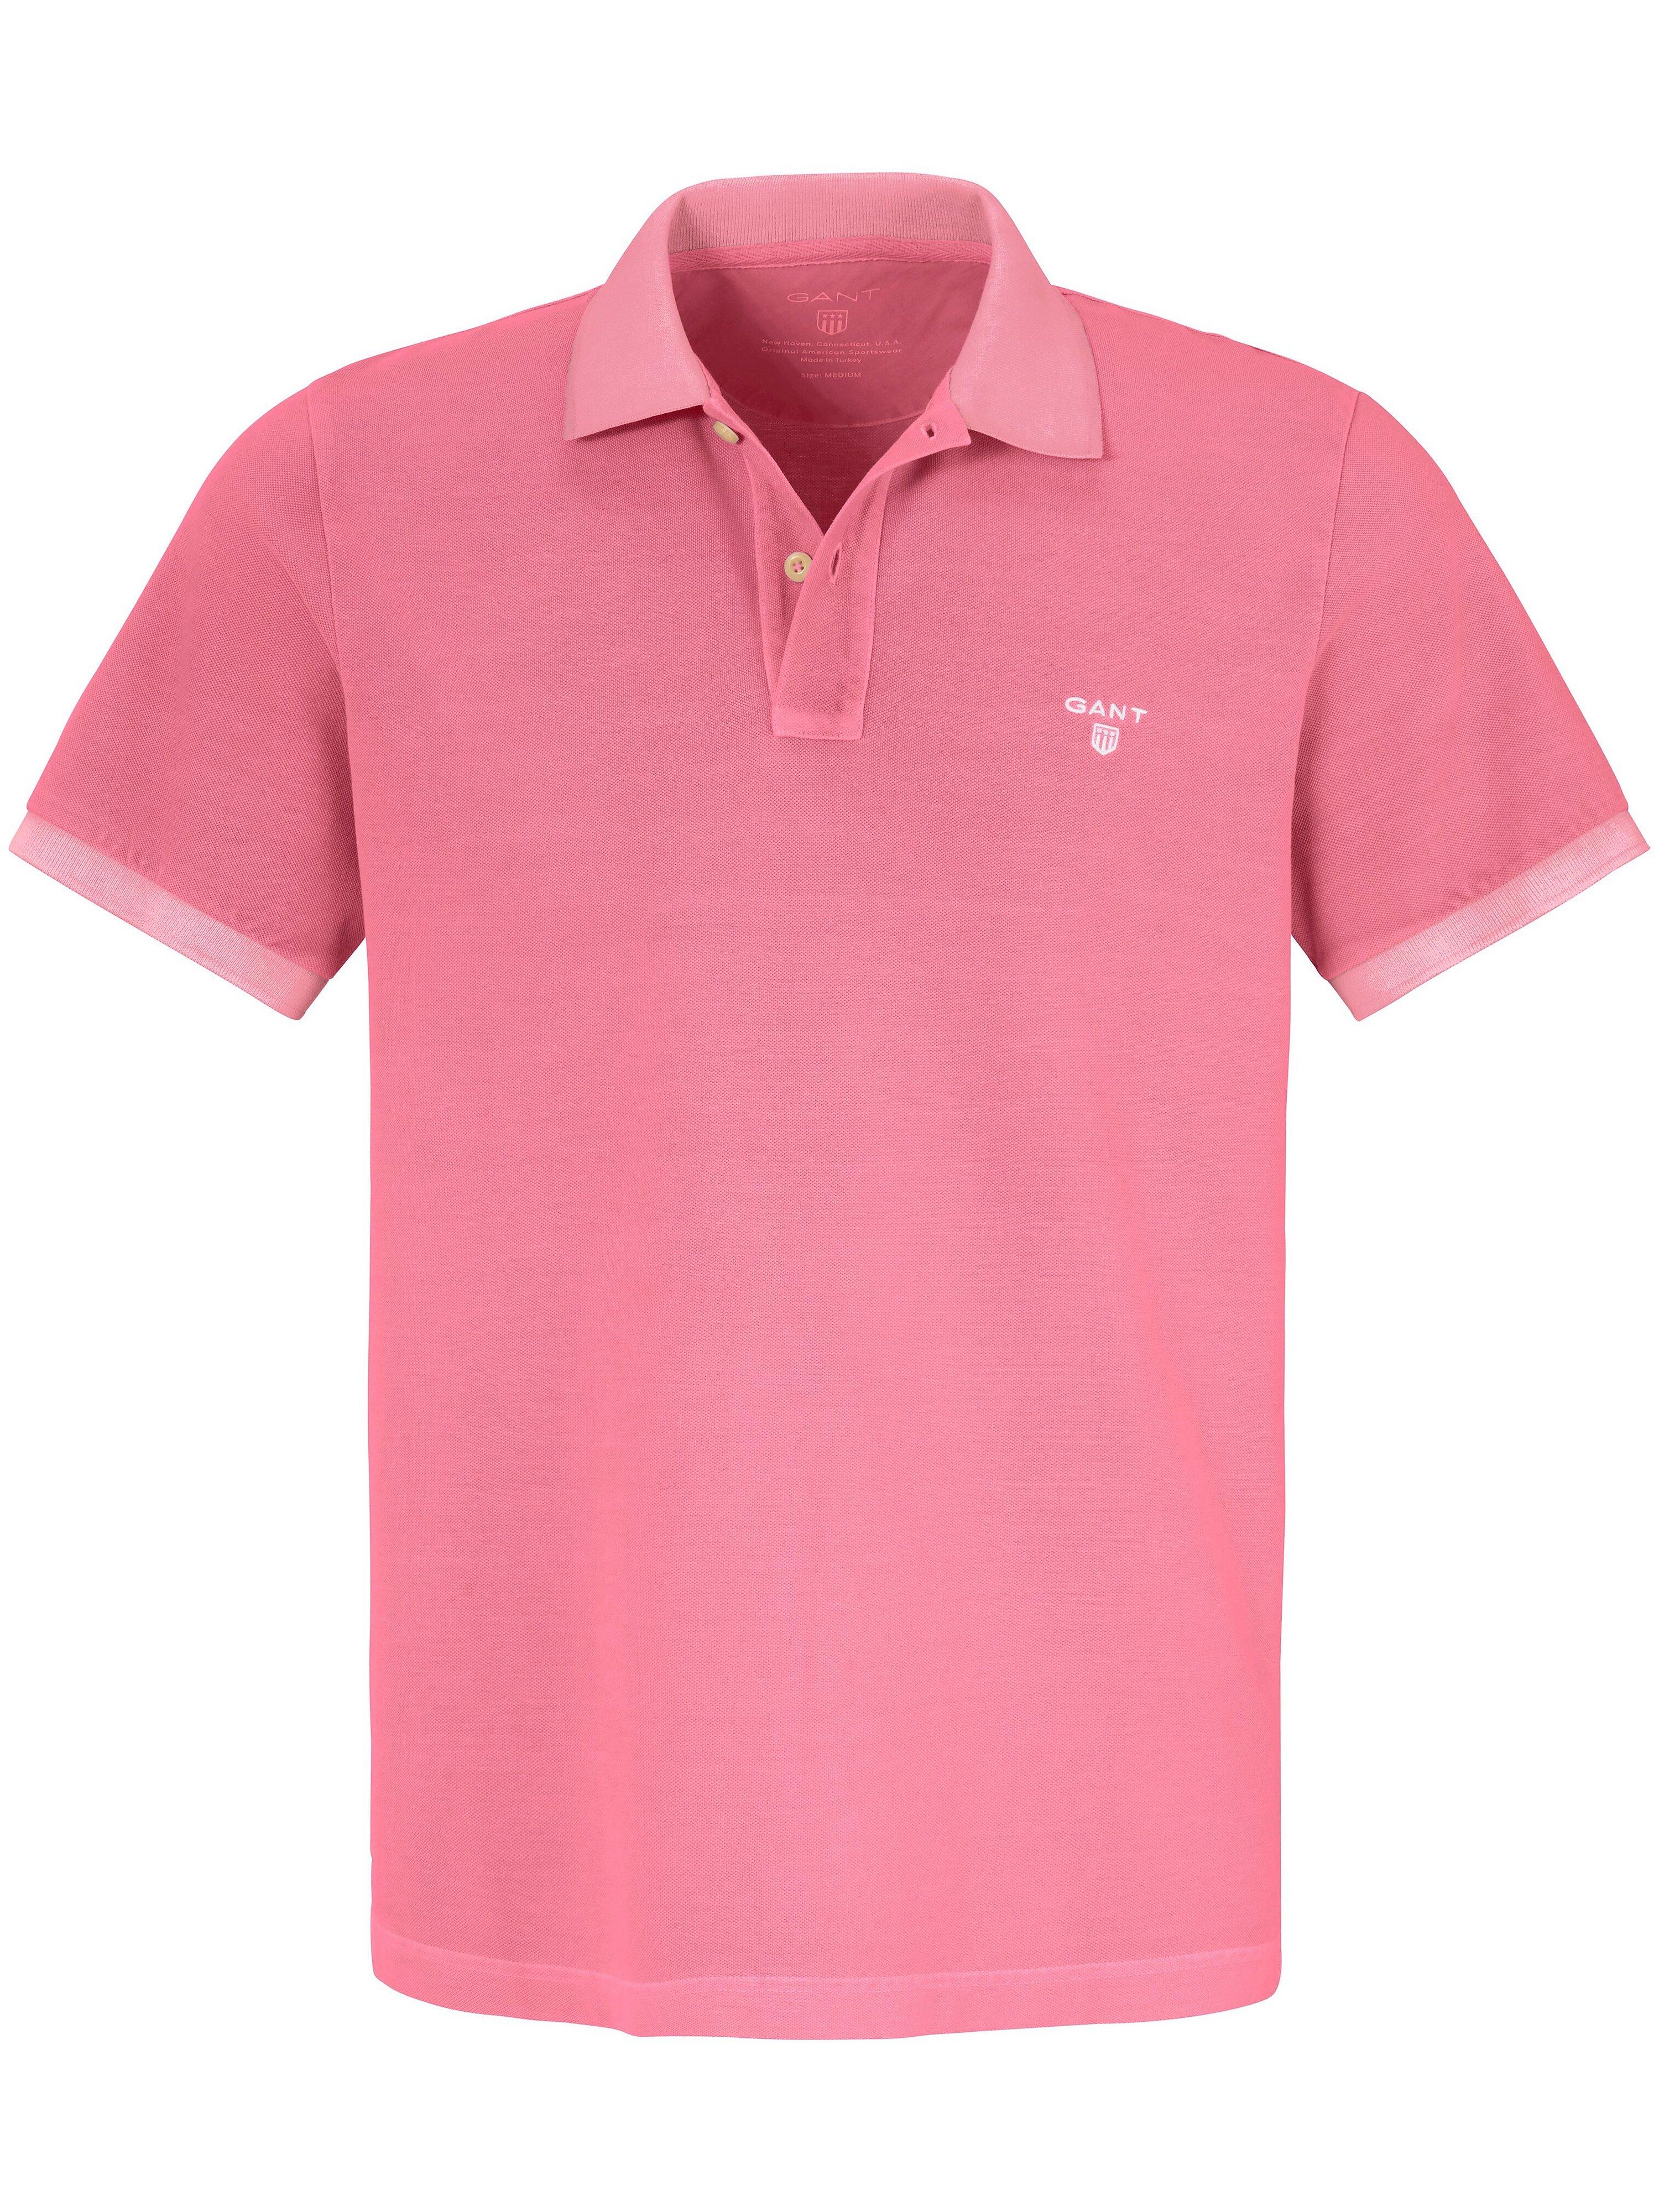 Poloshirt Van GANT roze